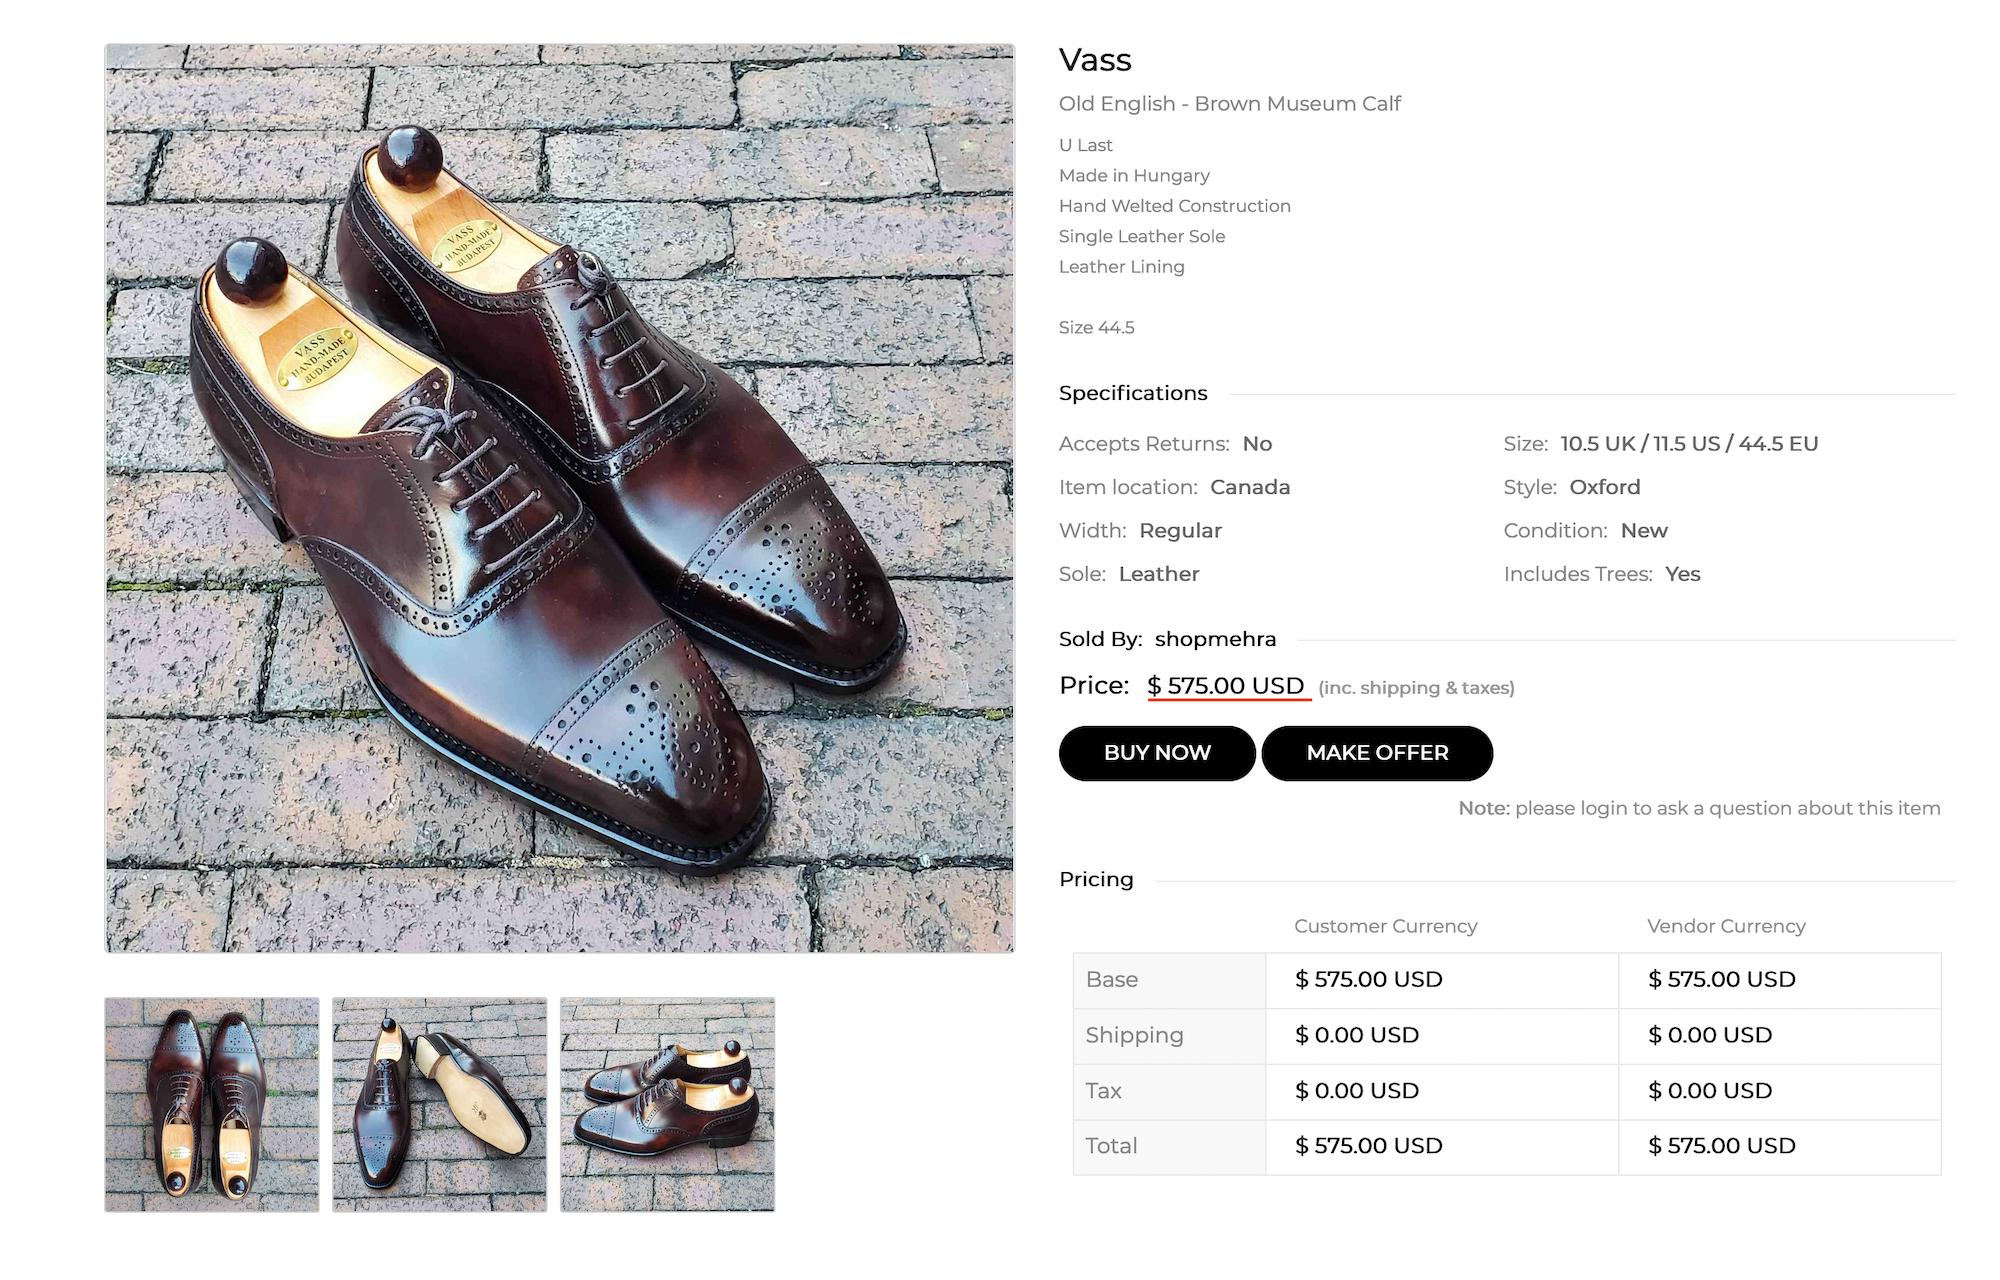 Exactement la même paire neuve mais en vente sur un site US dédié à la chaussure qui mélange seconde main et produits neufs. Si vous achetez là plutôt que chez Vass, vous allez le regretter.